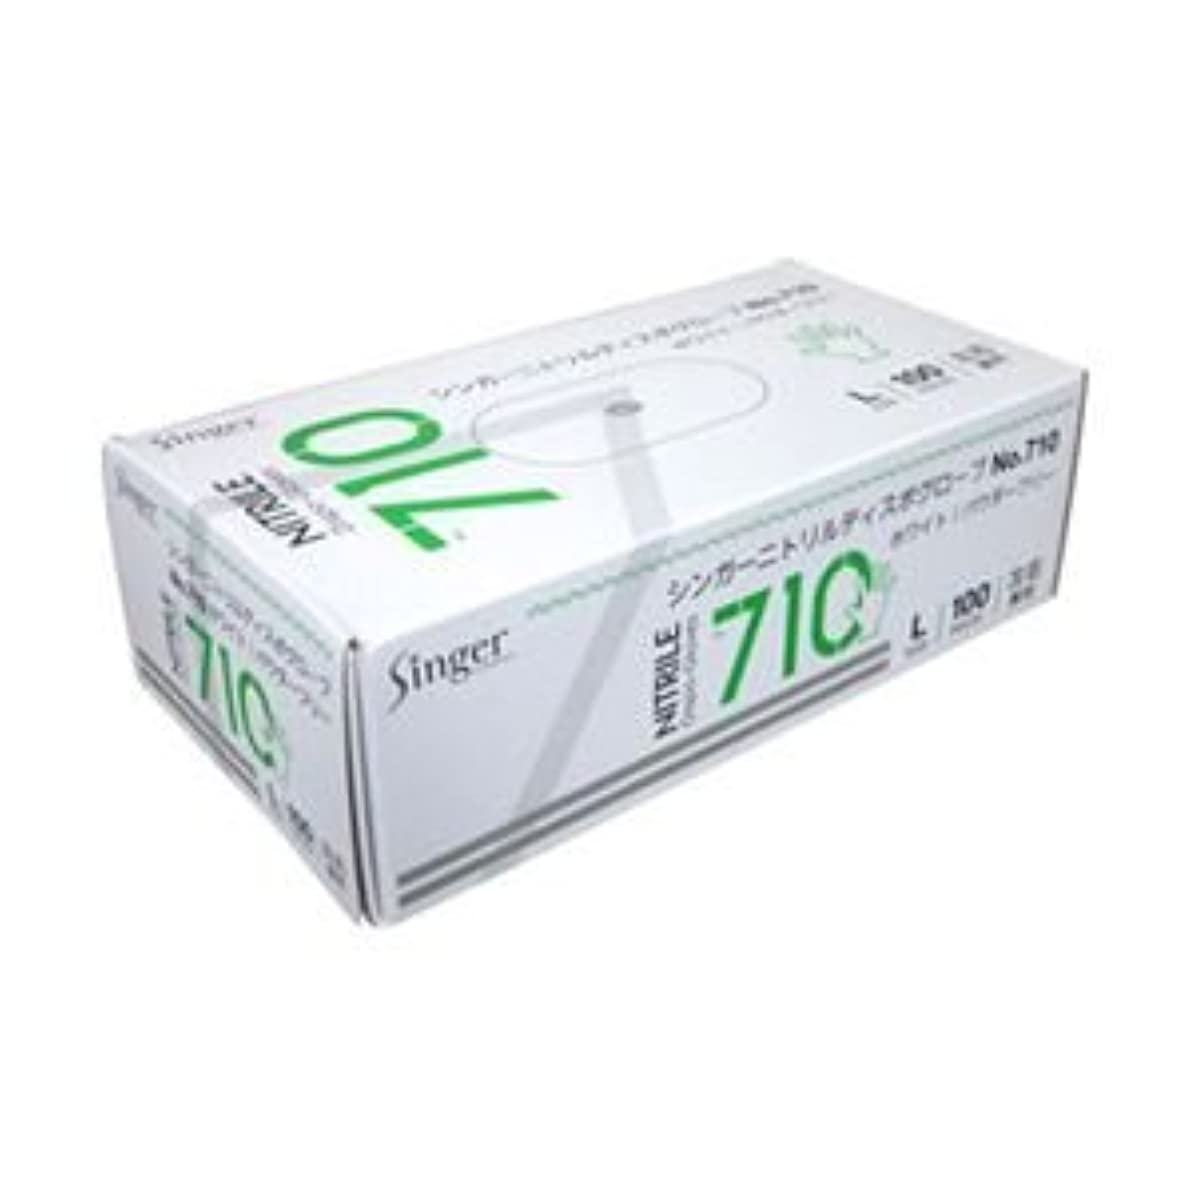 記録帝国乳製品(業務用セット) ニトリル手袋 粉なし ホワイト L 1箱(100枚) 【×5セット】 dS-1642153